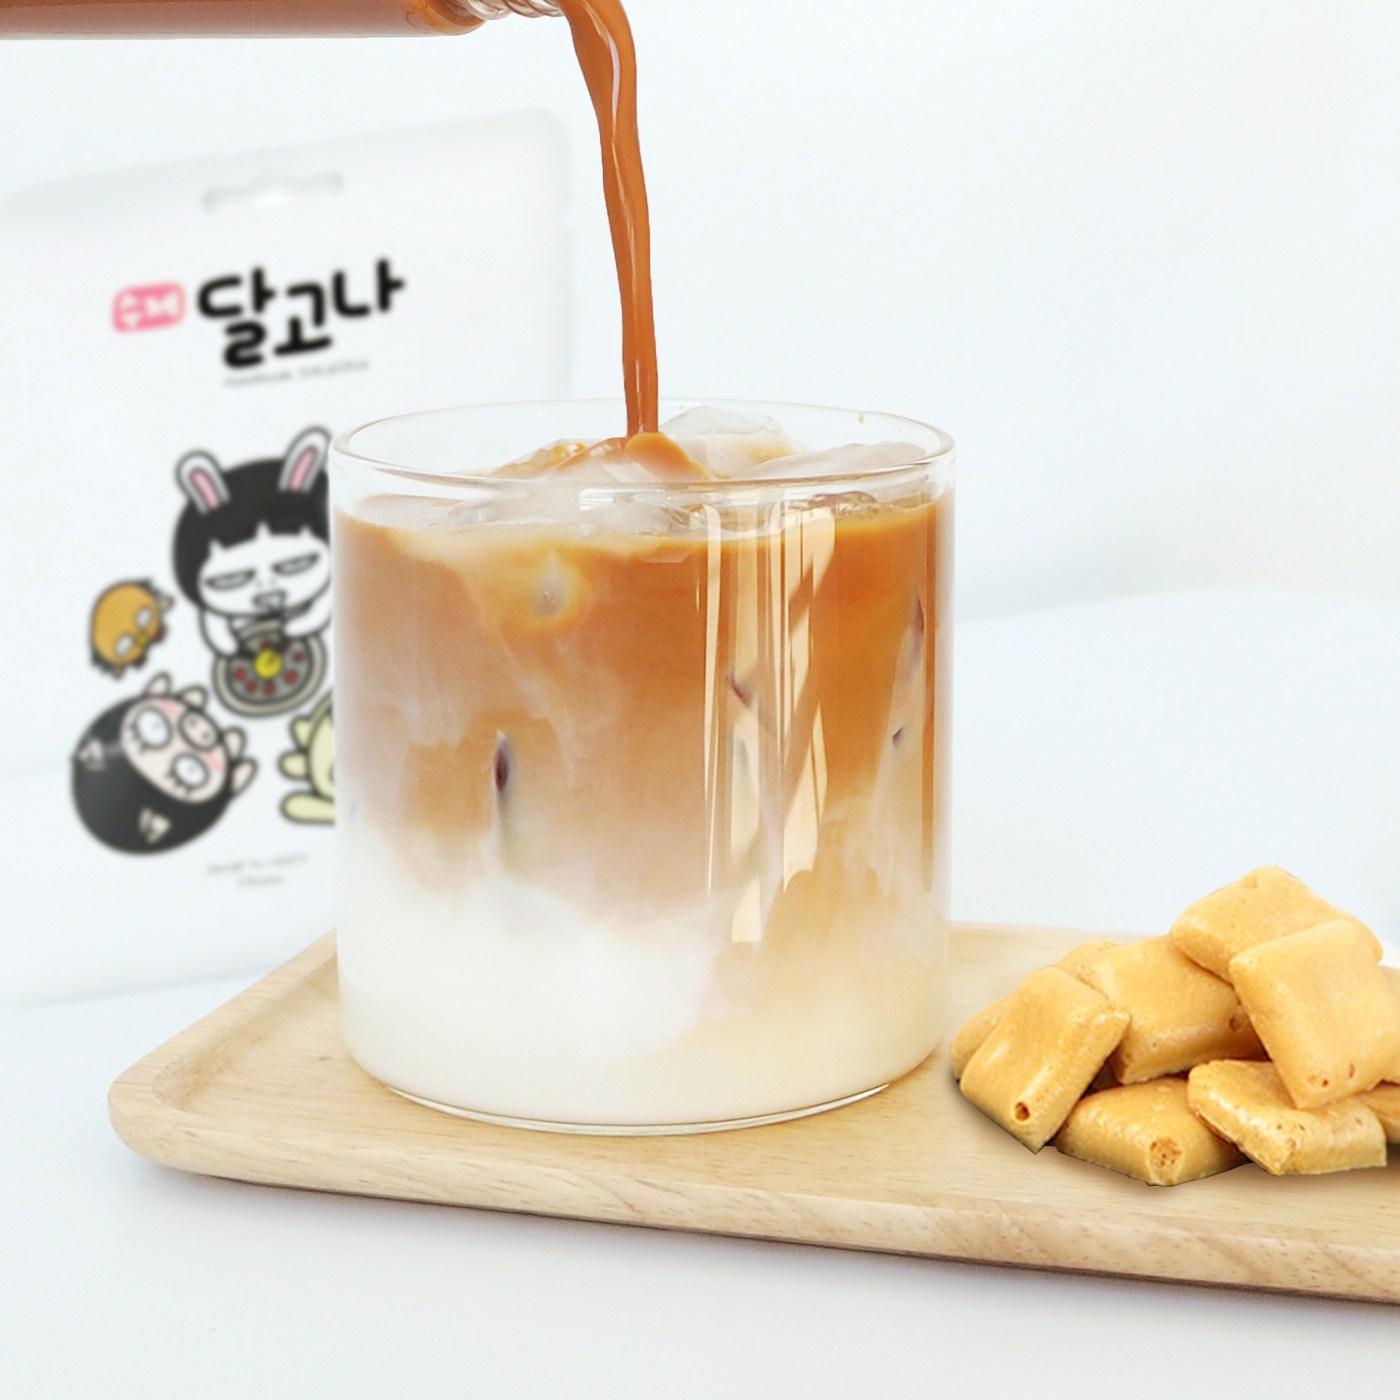 마녀의부엌 달고나밀크티 수제 달고나 10개 세트 무가당아쌈, 1개